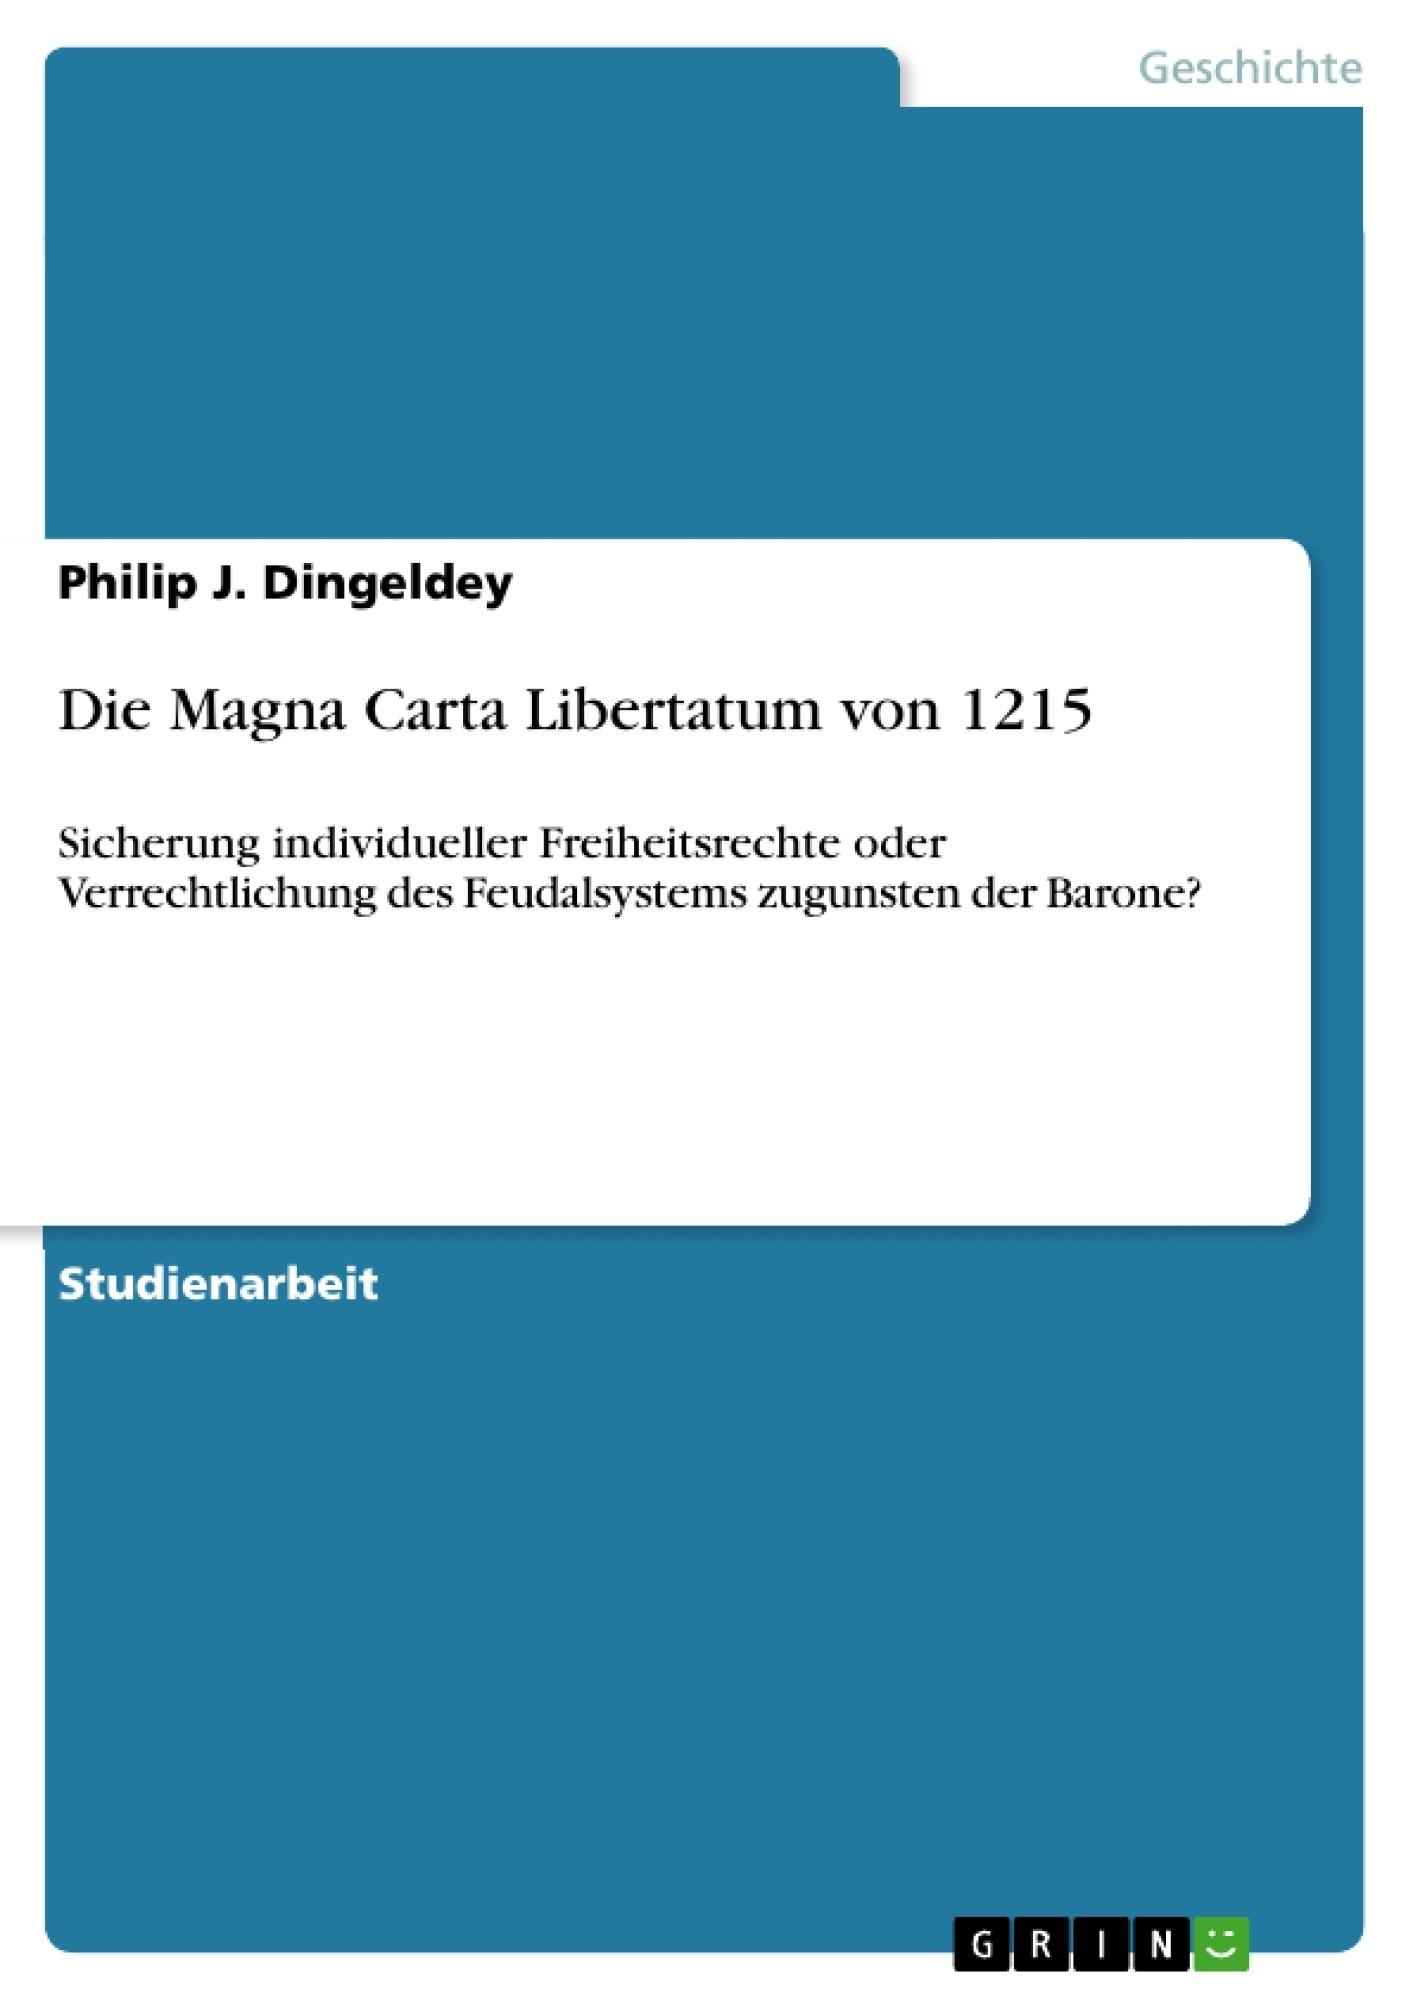 Titel: Die Magna Carta Libertatum von 1215